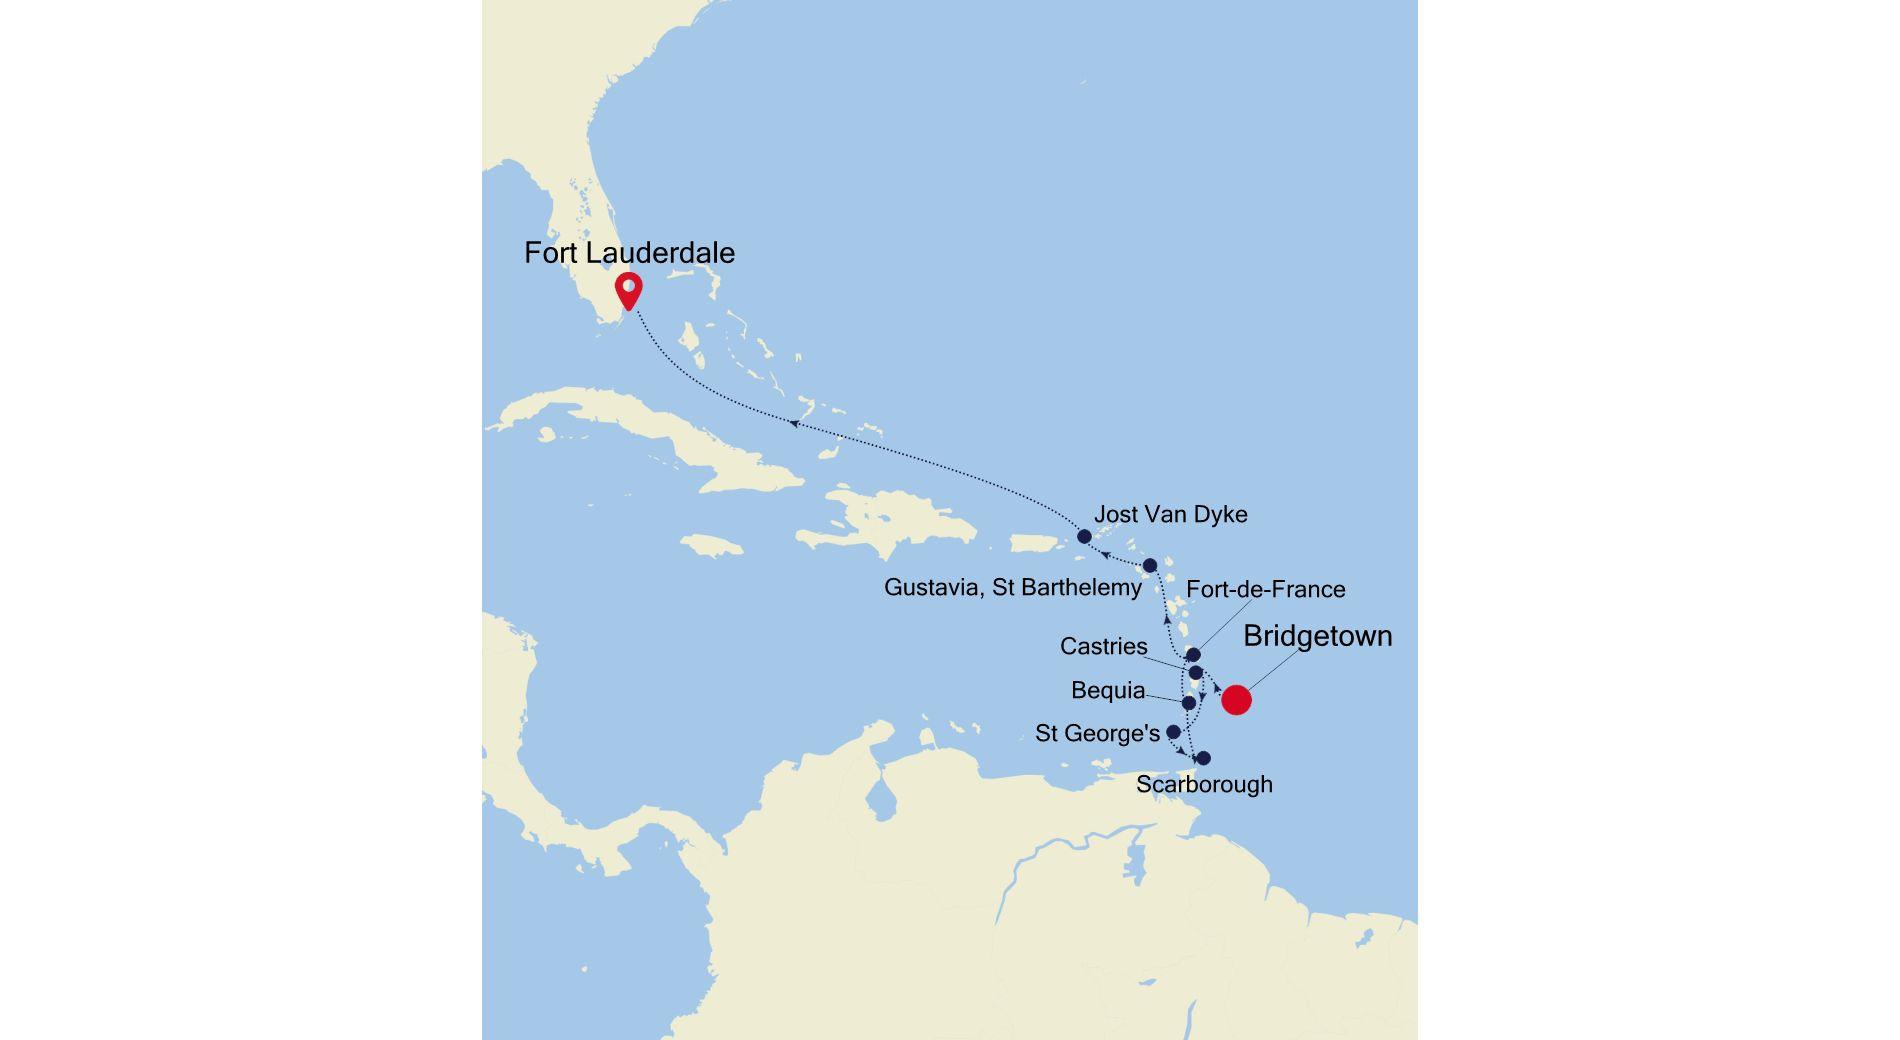 2013 - Bridgetown à Fort Lauderdale